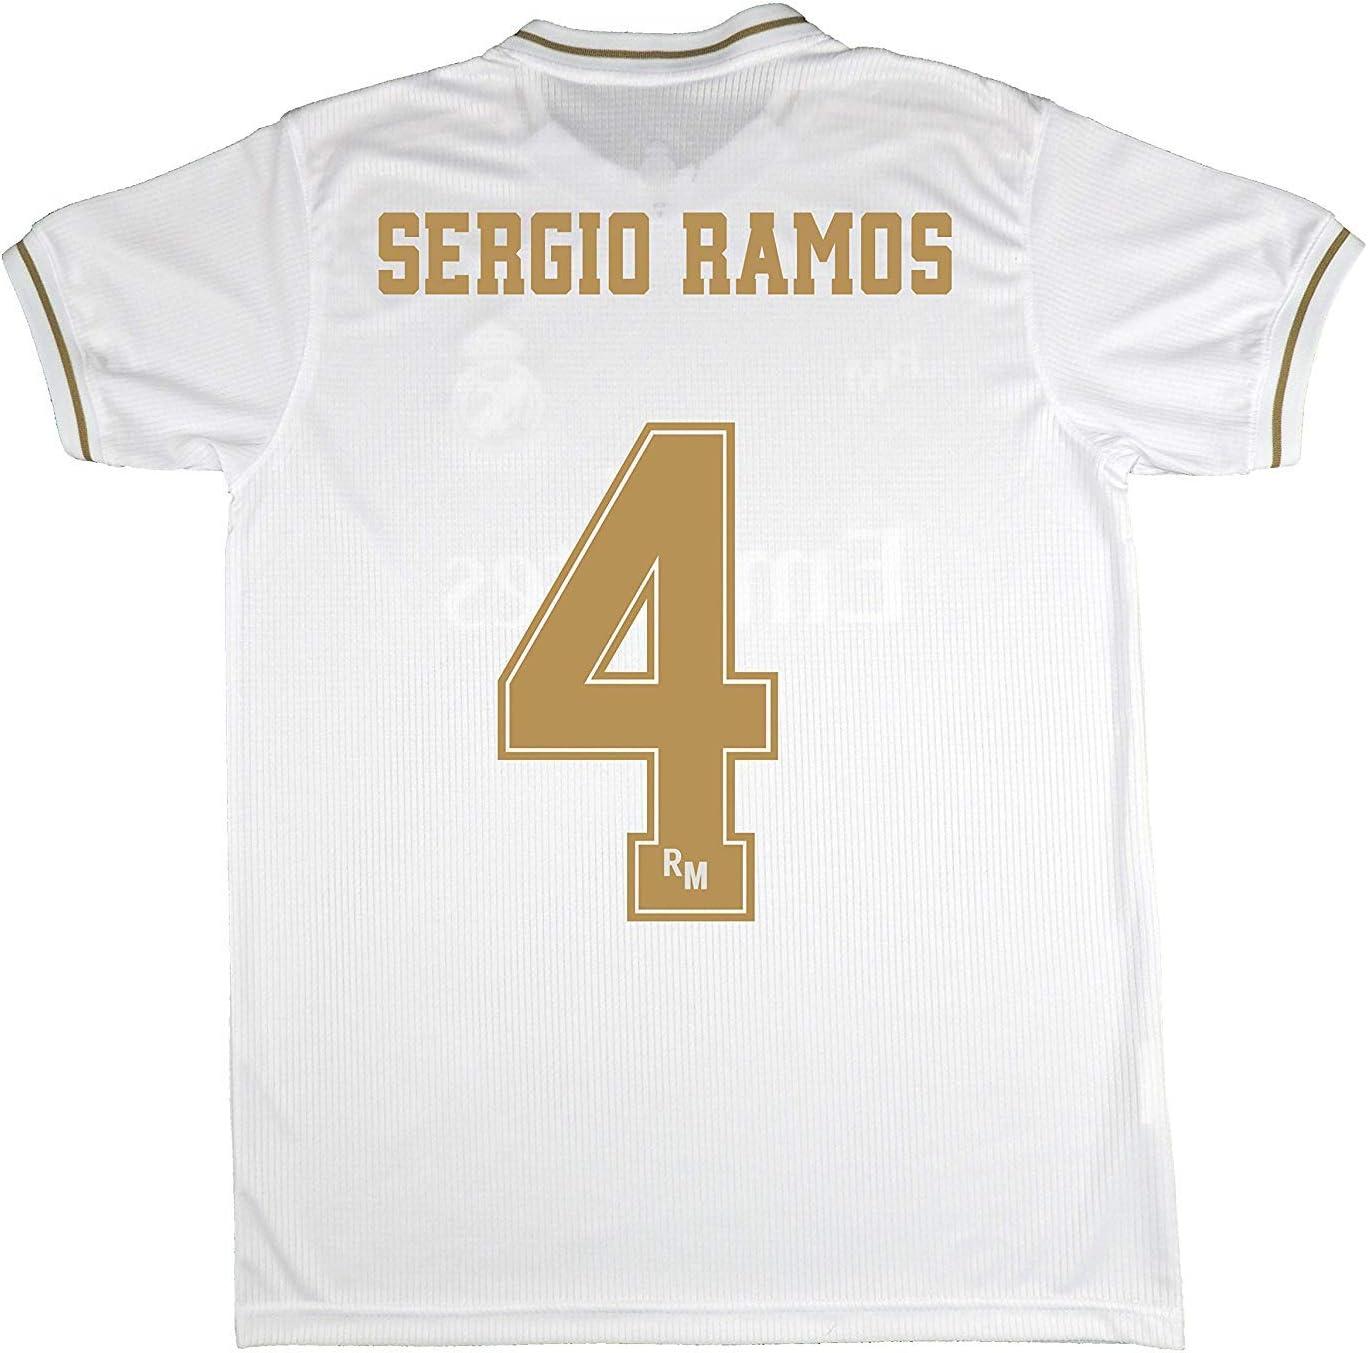 Real Madrid Camiseta Primera Equipación Talla Adulto Sergio Ramos Producto Oficial Licenciado Temporada 2019-2020 Color Blanco (Blanco, Talla S): Amazon.es: Deportes y aire libre